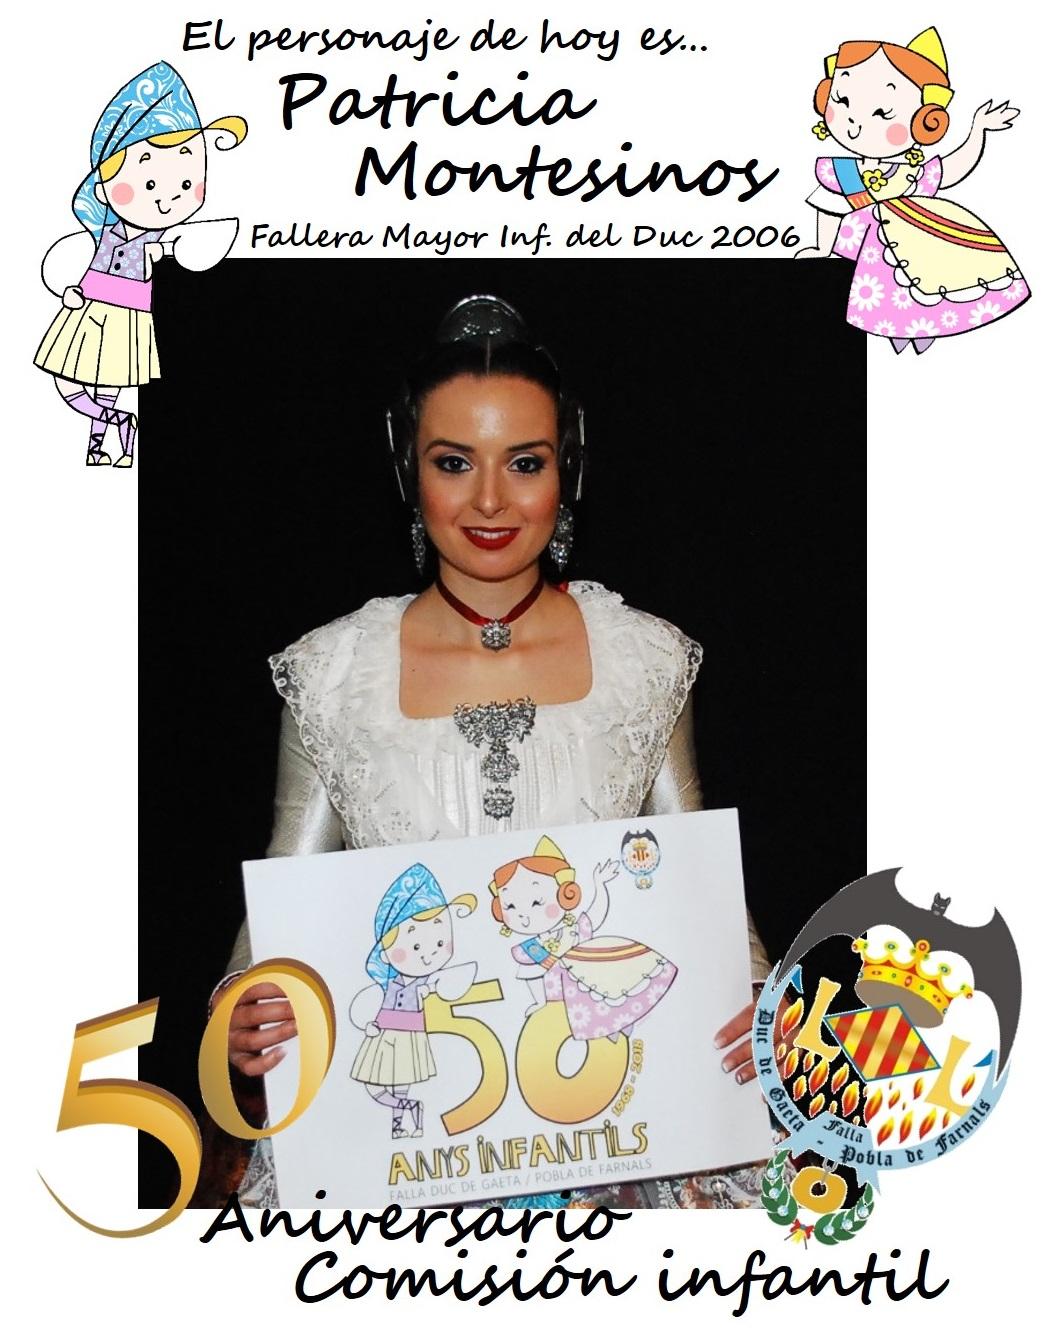 Personaje del día: Patricia Montesinos